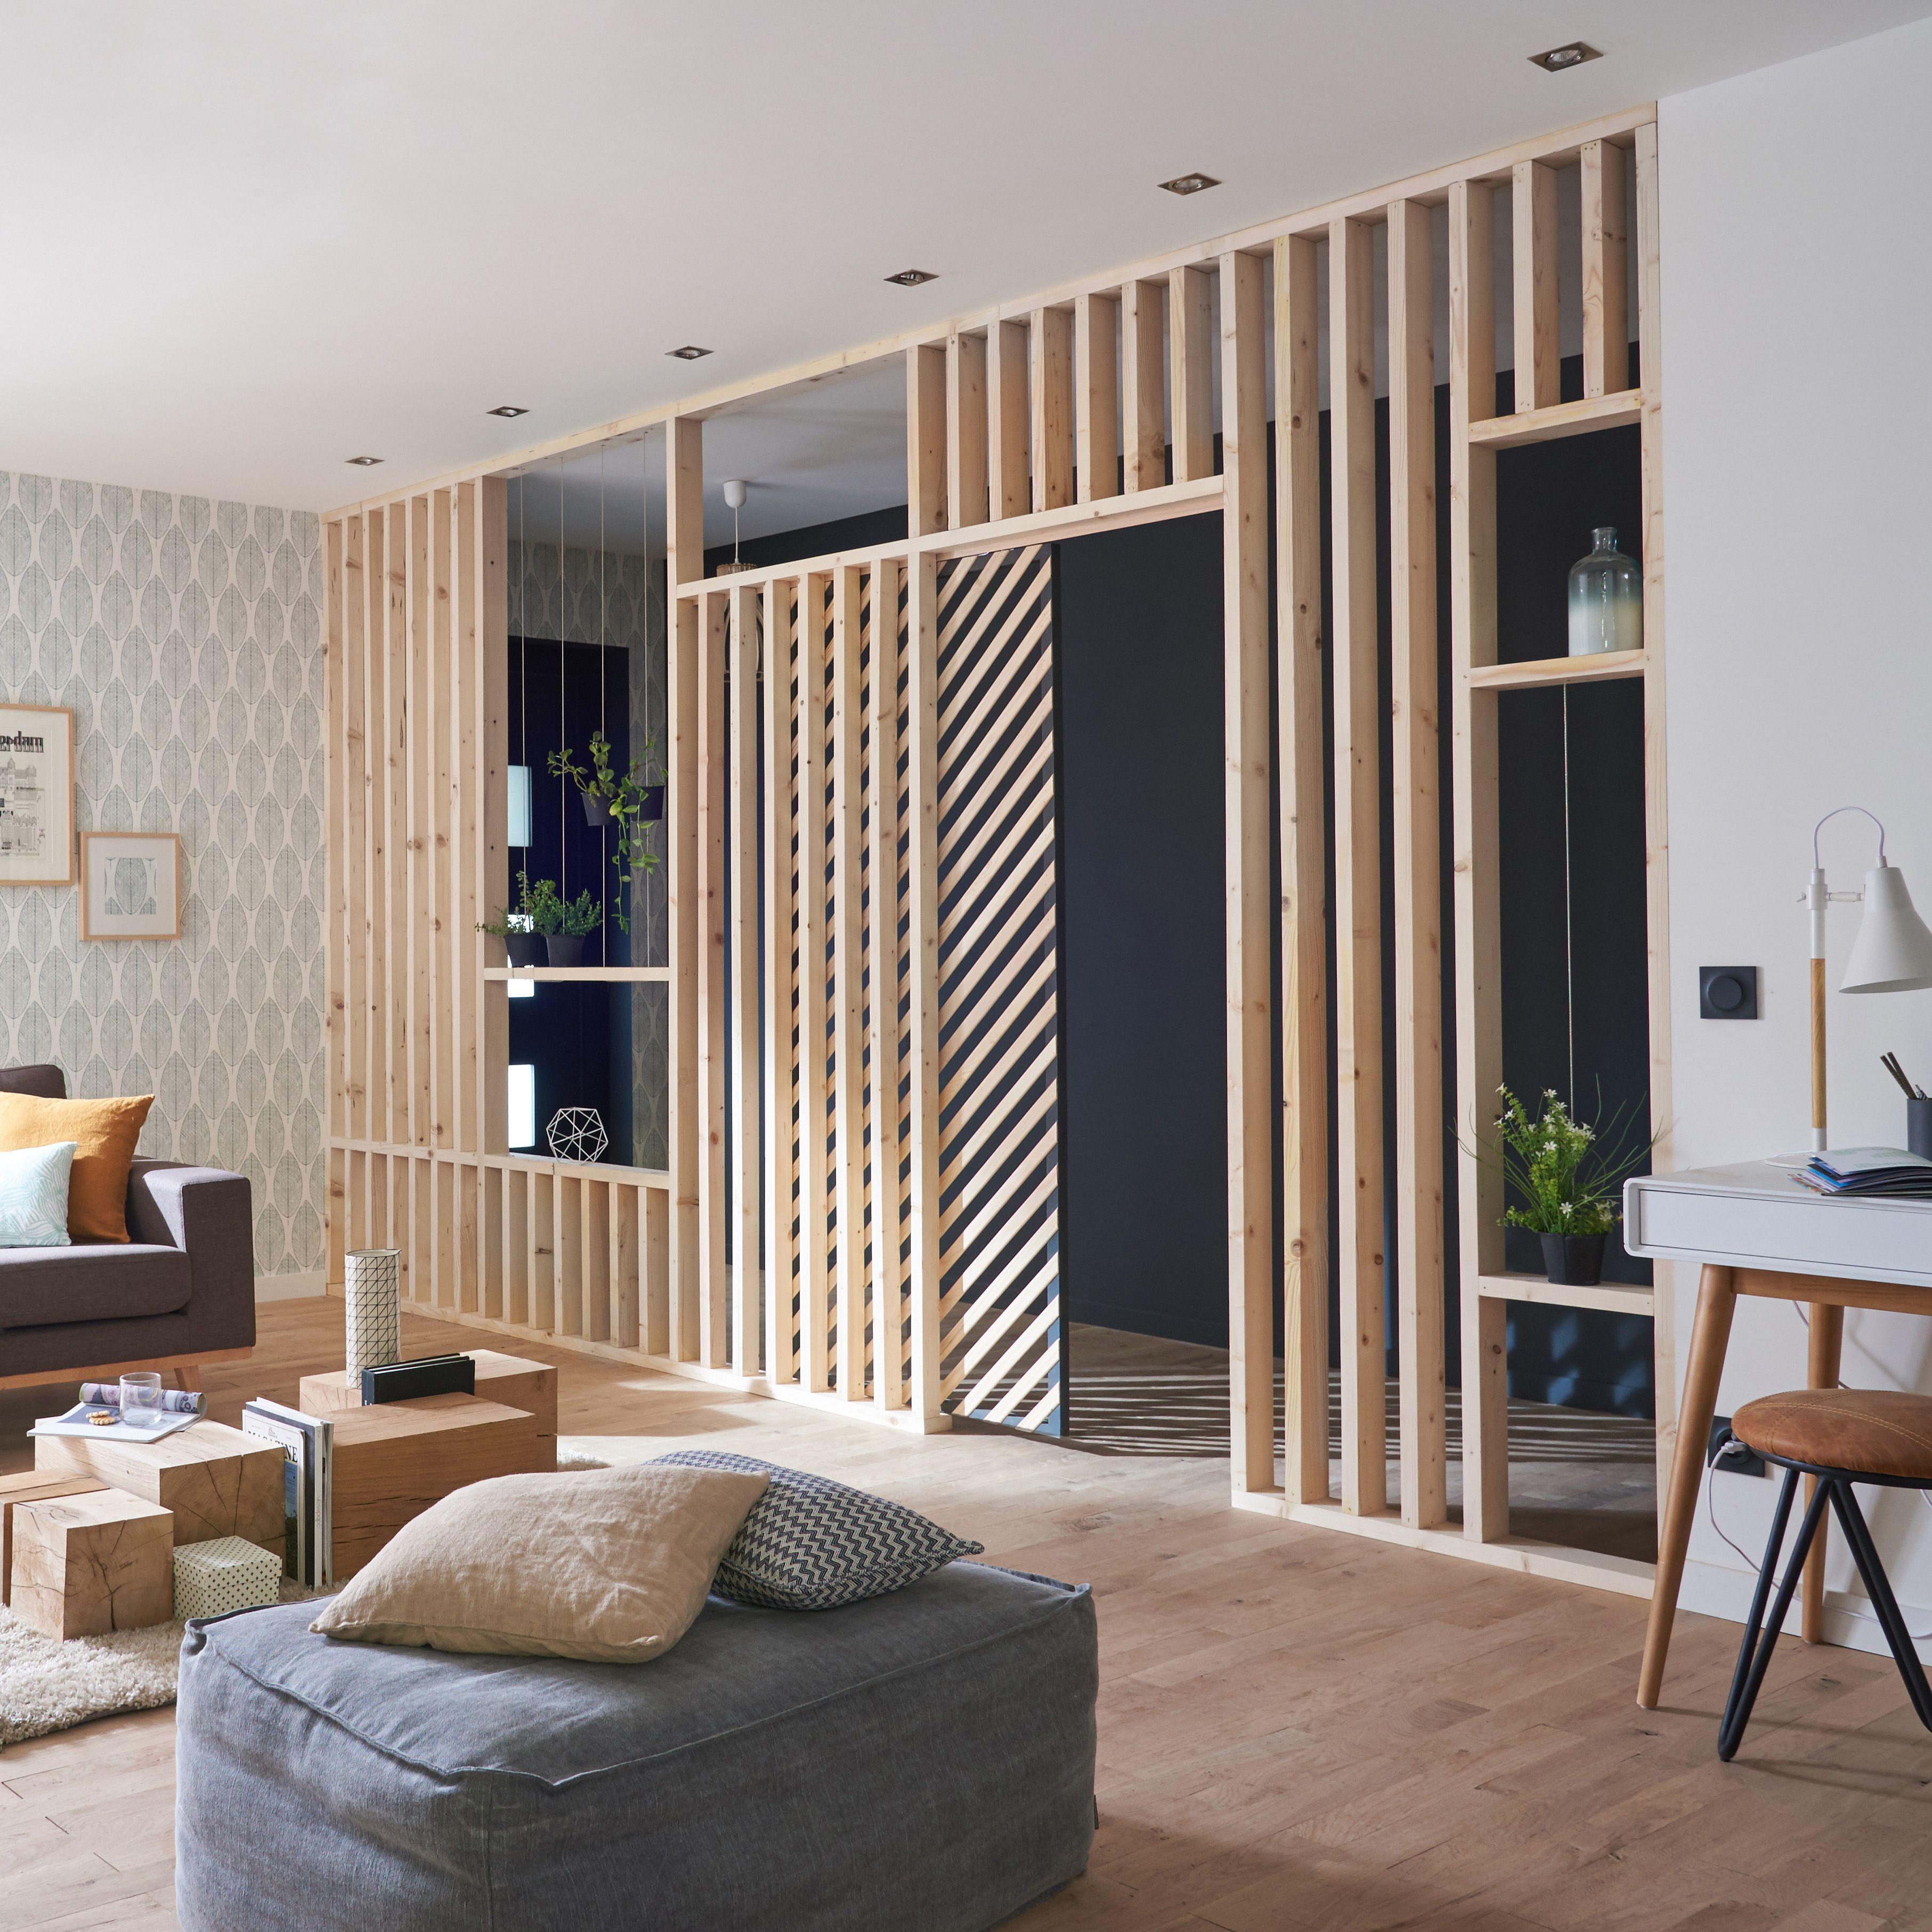 Une Cloison En Tasseaux De Bois Geometrique Pour Completer La Deco